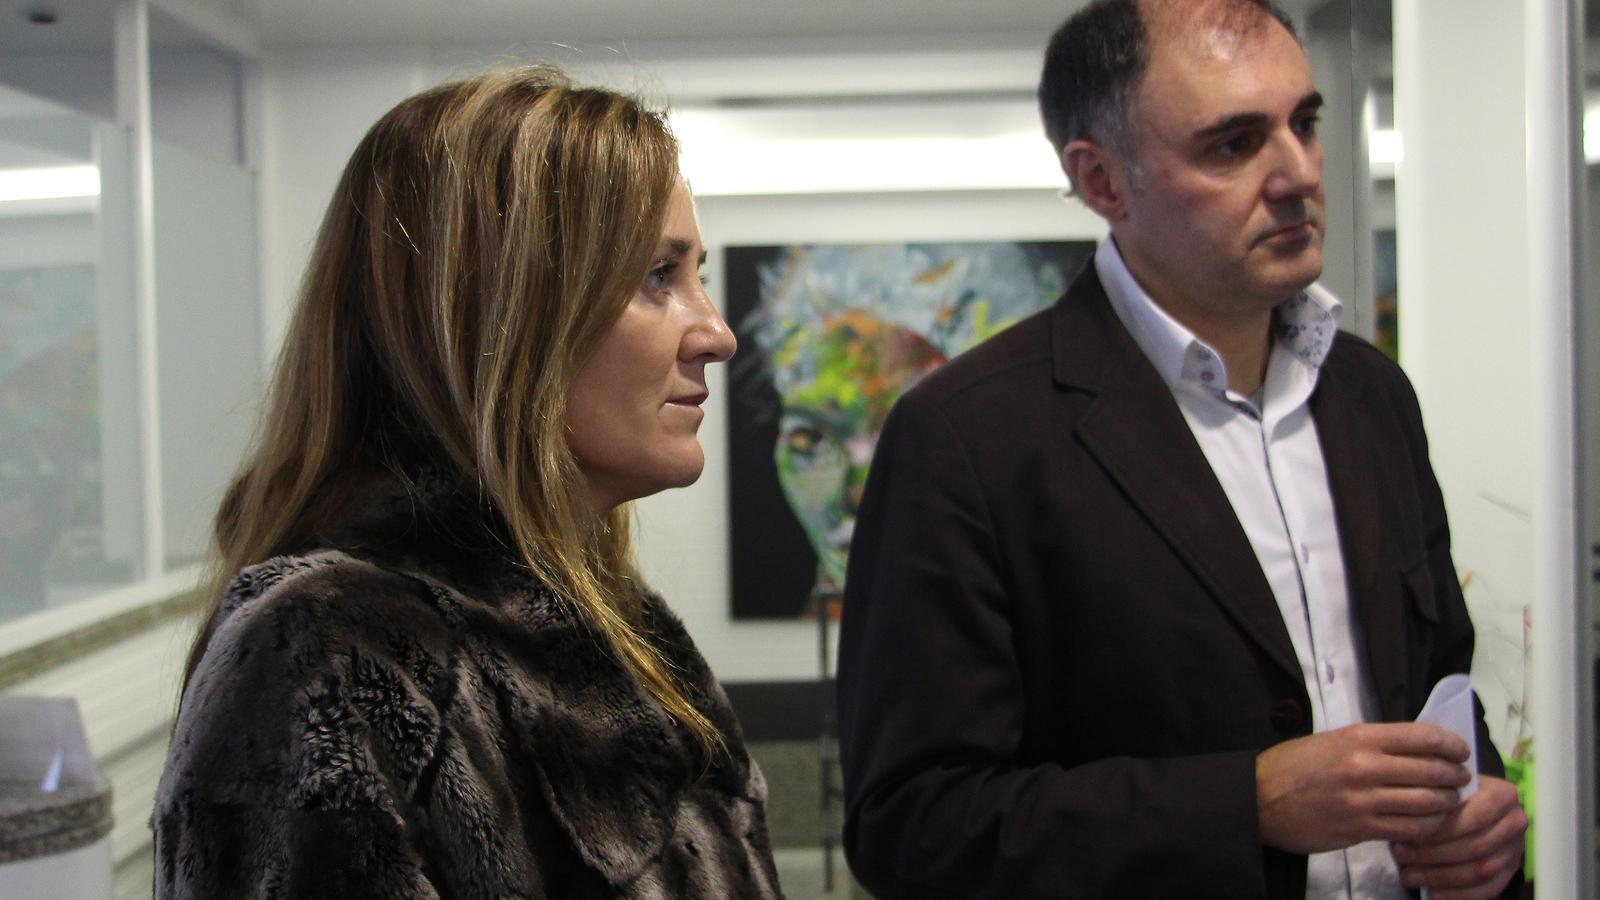 La ministra de Cultura, Joventut i Esports, Olga Gelabert, amb el coordinador de Polítiques de Joventut i Voluntariat, Agustí Pifarré, davant d'una de les obres que ha participat en edicions anteriors al concurs. / M. F. (ANA)